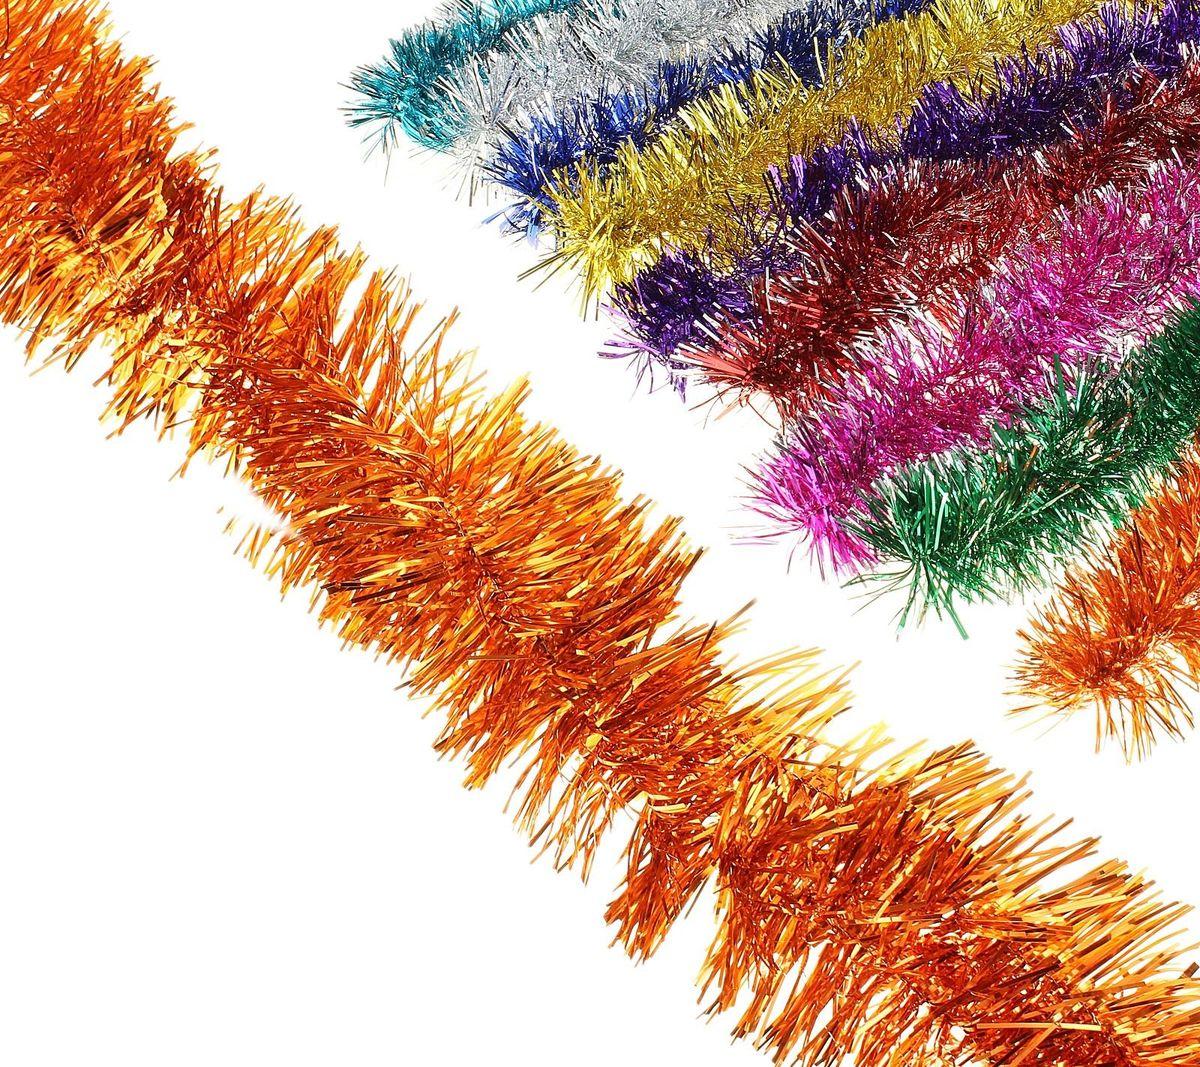 Мишура новогодняя Sima-land, цвет: красный, серебристый, диаметр 4 см, длина 1,3 м. 701305701305_красный, серебристыйМишура новогодняя Sima-land, выполненная из двухцветной фольги, поможет вам украсить свой дом к предстоящим праздникам. Мишура армирована, то есть имеет проволоку внутри и способна сохранять приданную ей форму. Новогодняя елка с таким украшением станет еще наряднее. Новогодней мишурой можно украсить все, что угодно - елку, квартиру, дачу, офис - как внутри, так и снаружи. Можно сложить новогодние поздравления, буквы и цифры, мишурой можно украсить и дополнить гирлянды, можно выделить дверные колонны, оплести дверные проемы. Коллекция декоративных украшений из серии Зимнее волшебство принесет в ваш дом ни с чем несравнимое ощущение праздника! Создайте в своем доме атмосферу тепла, веселья и радости, украшая его всей семьей.